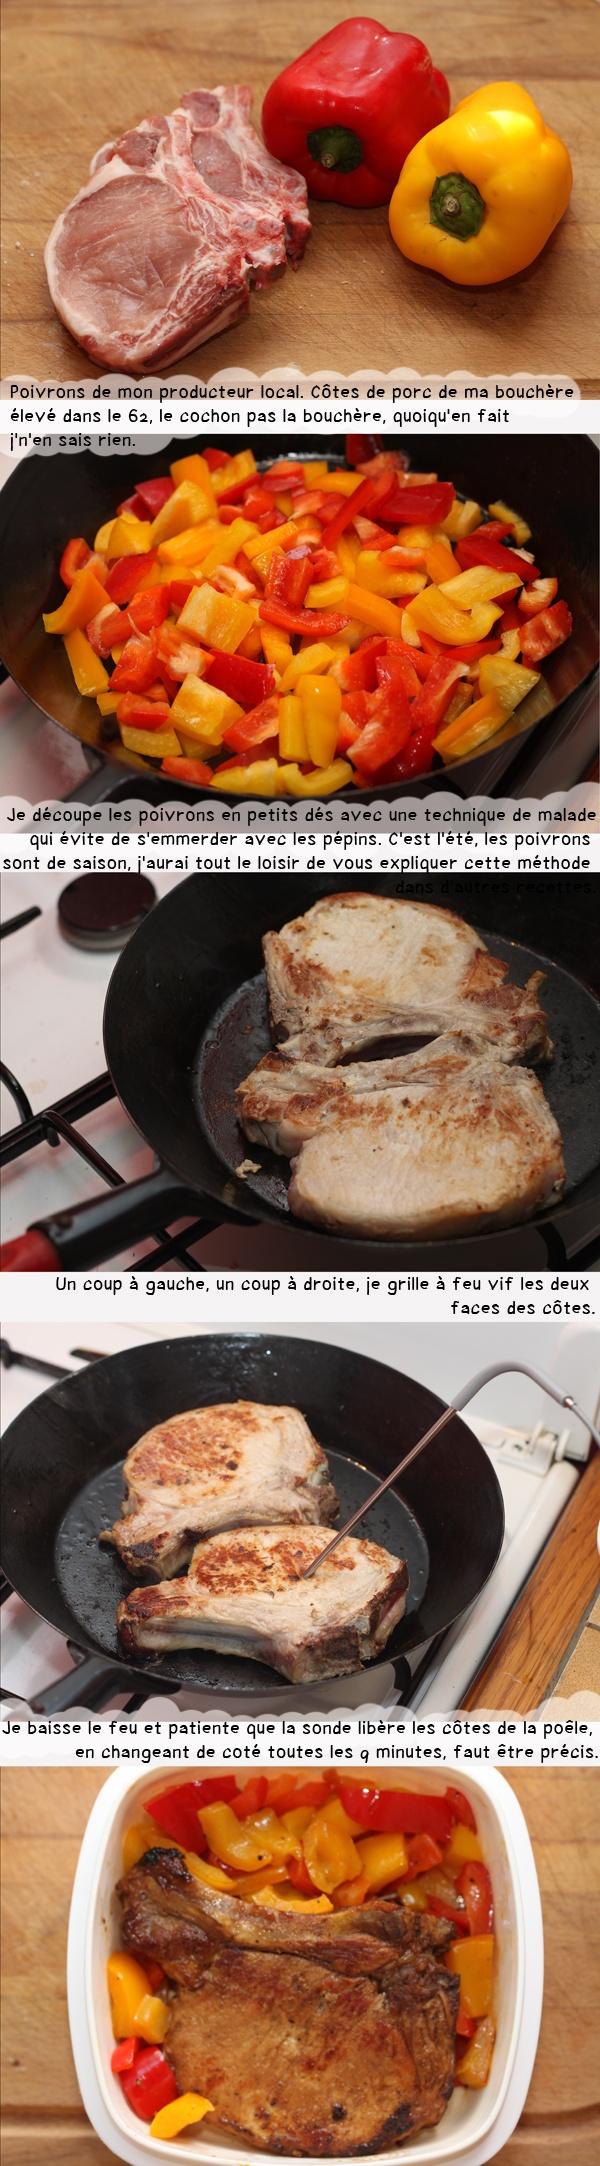 Duo de poivrons et côte de porc grillée.